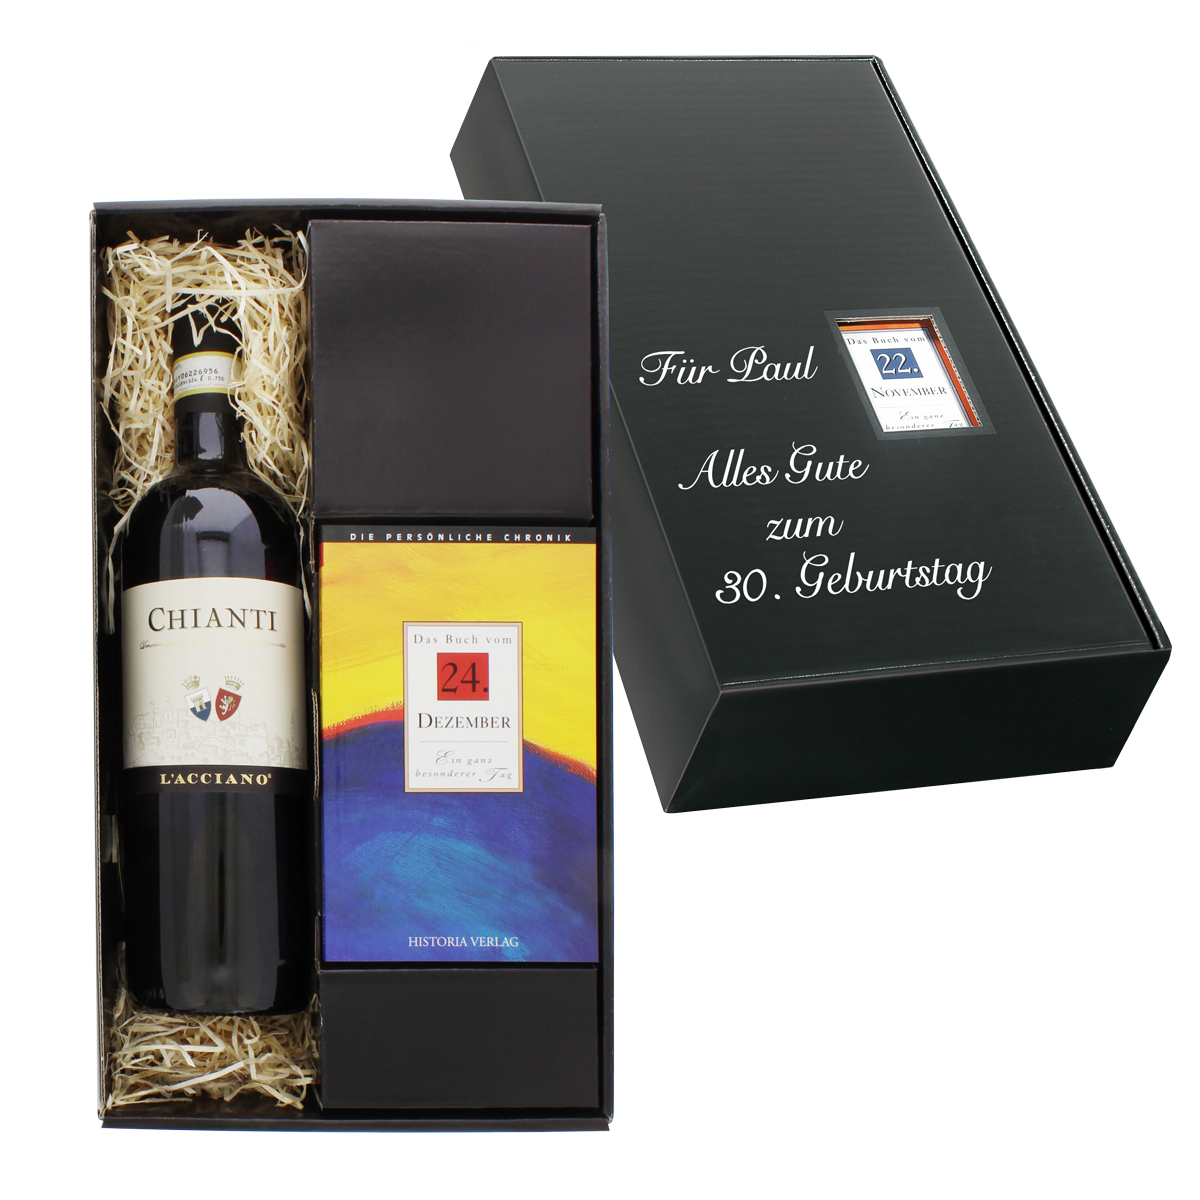 Italien-Set: Tageschronik vom 16. M?rz & Chianti-Wein